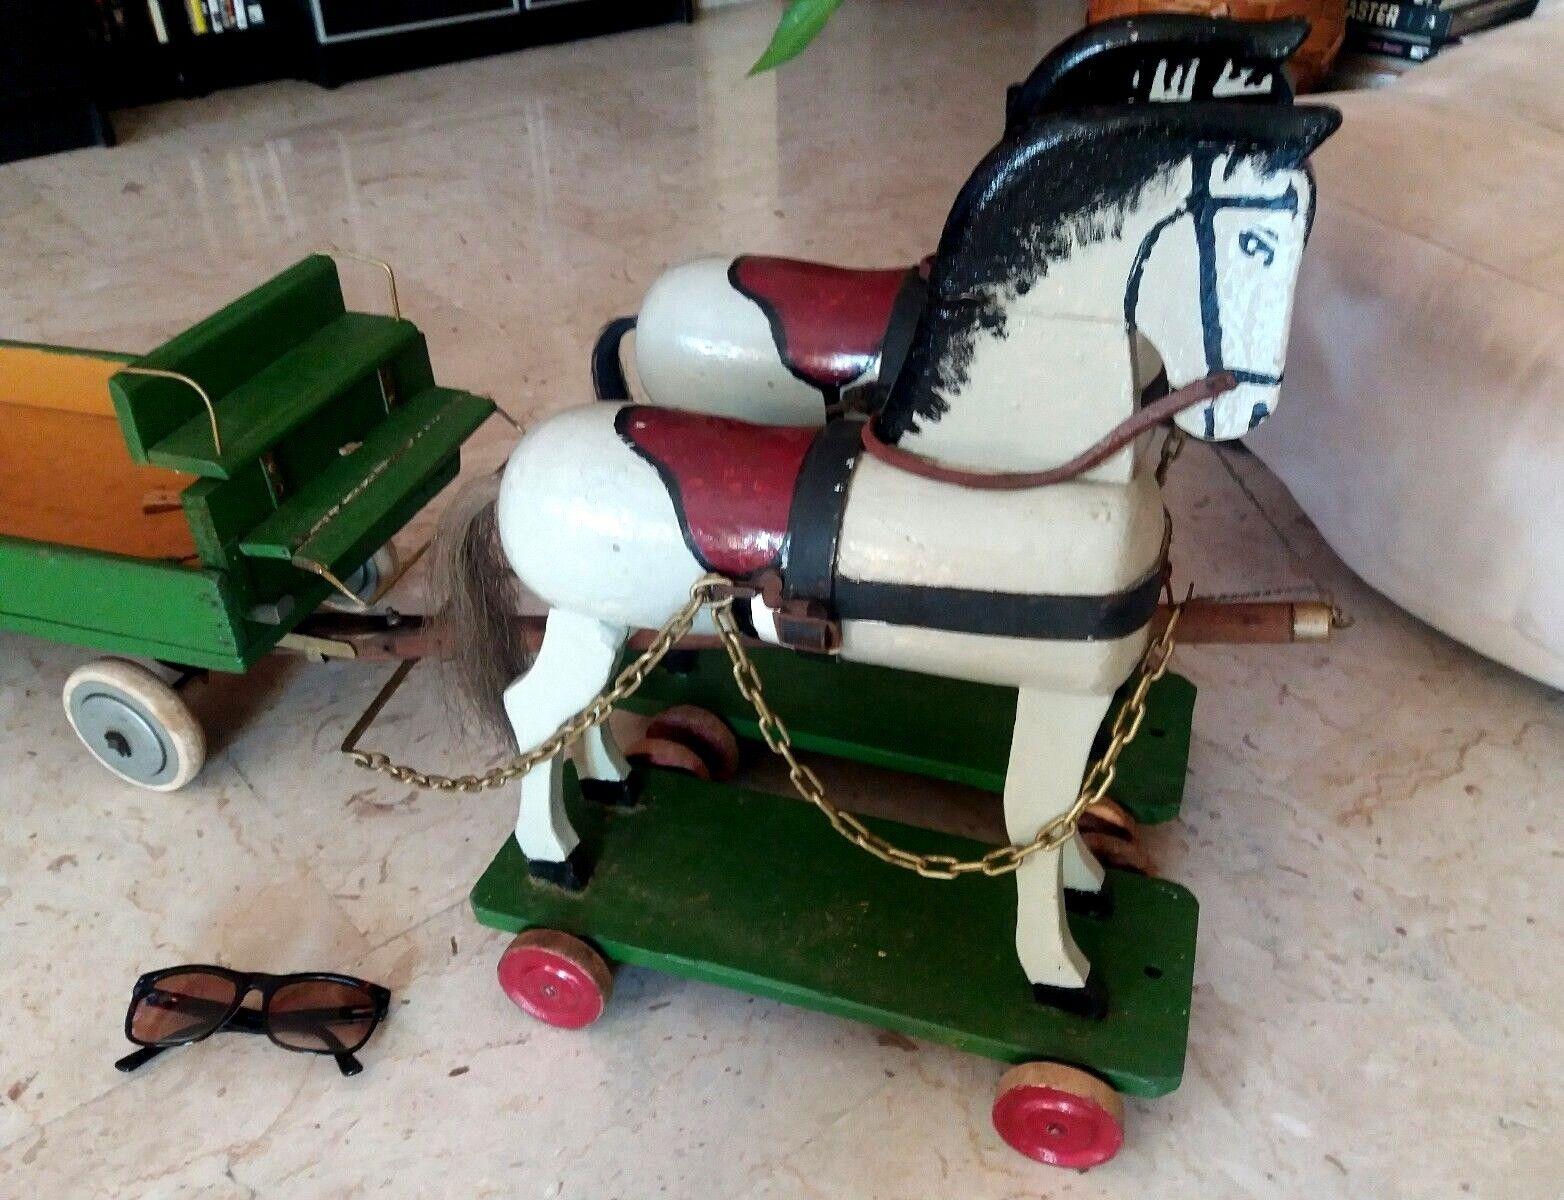 Antico Giocattolo anni 60' - Old Juguete Horse Coppia di Cavalli in legno con Cochero